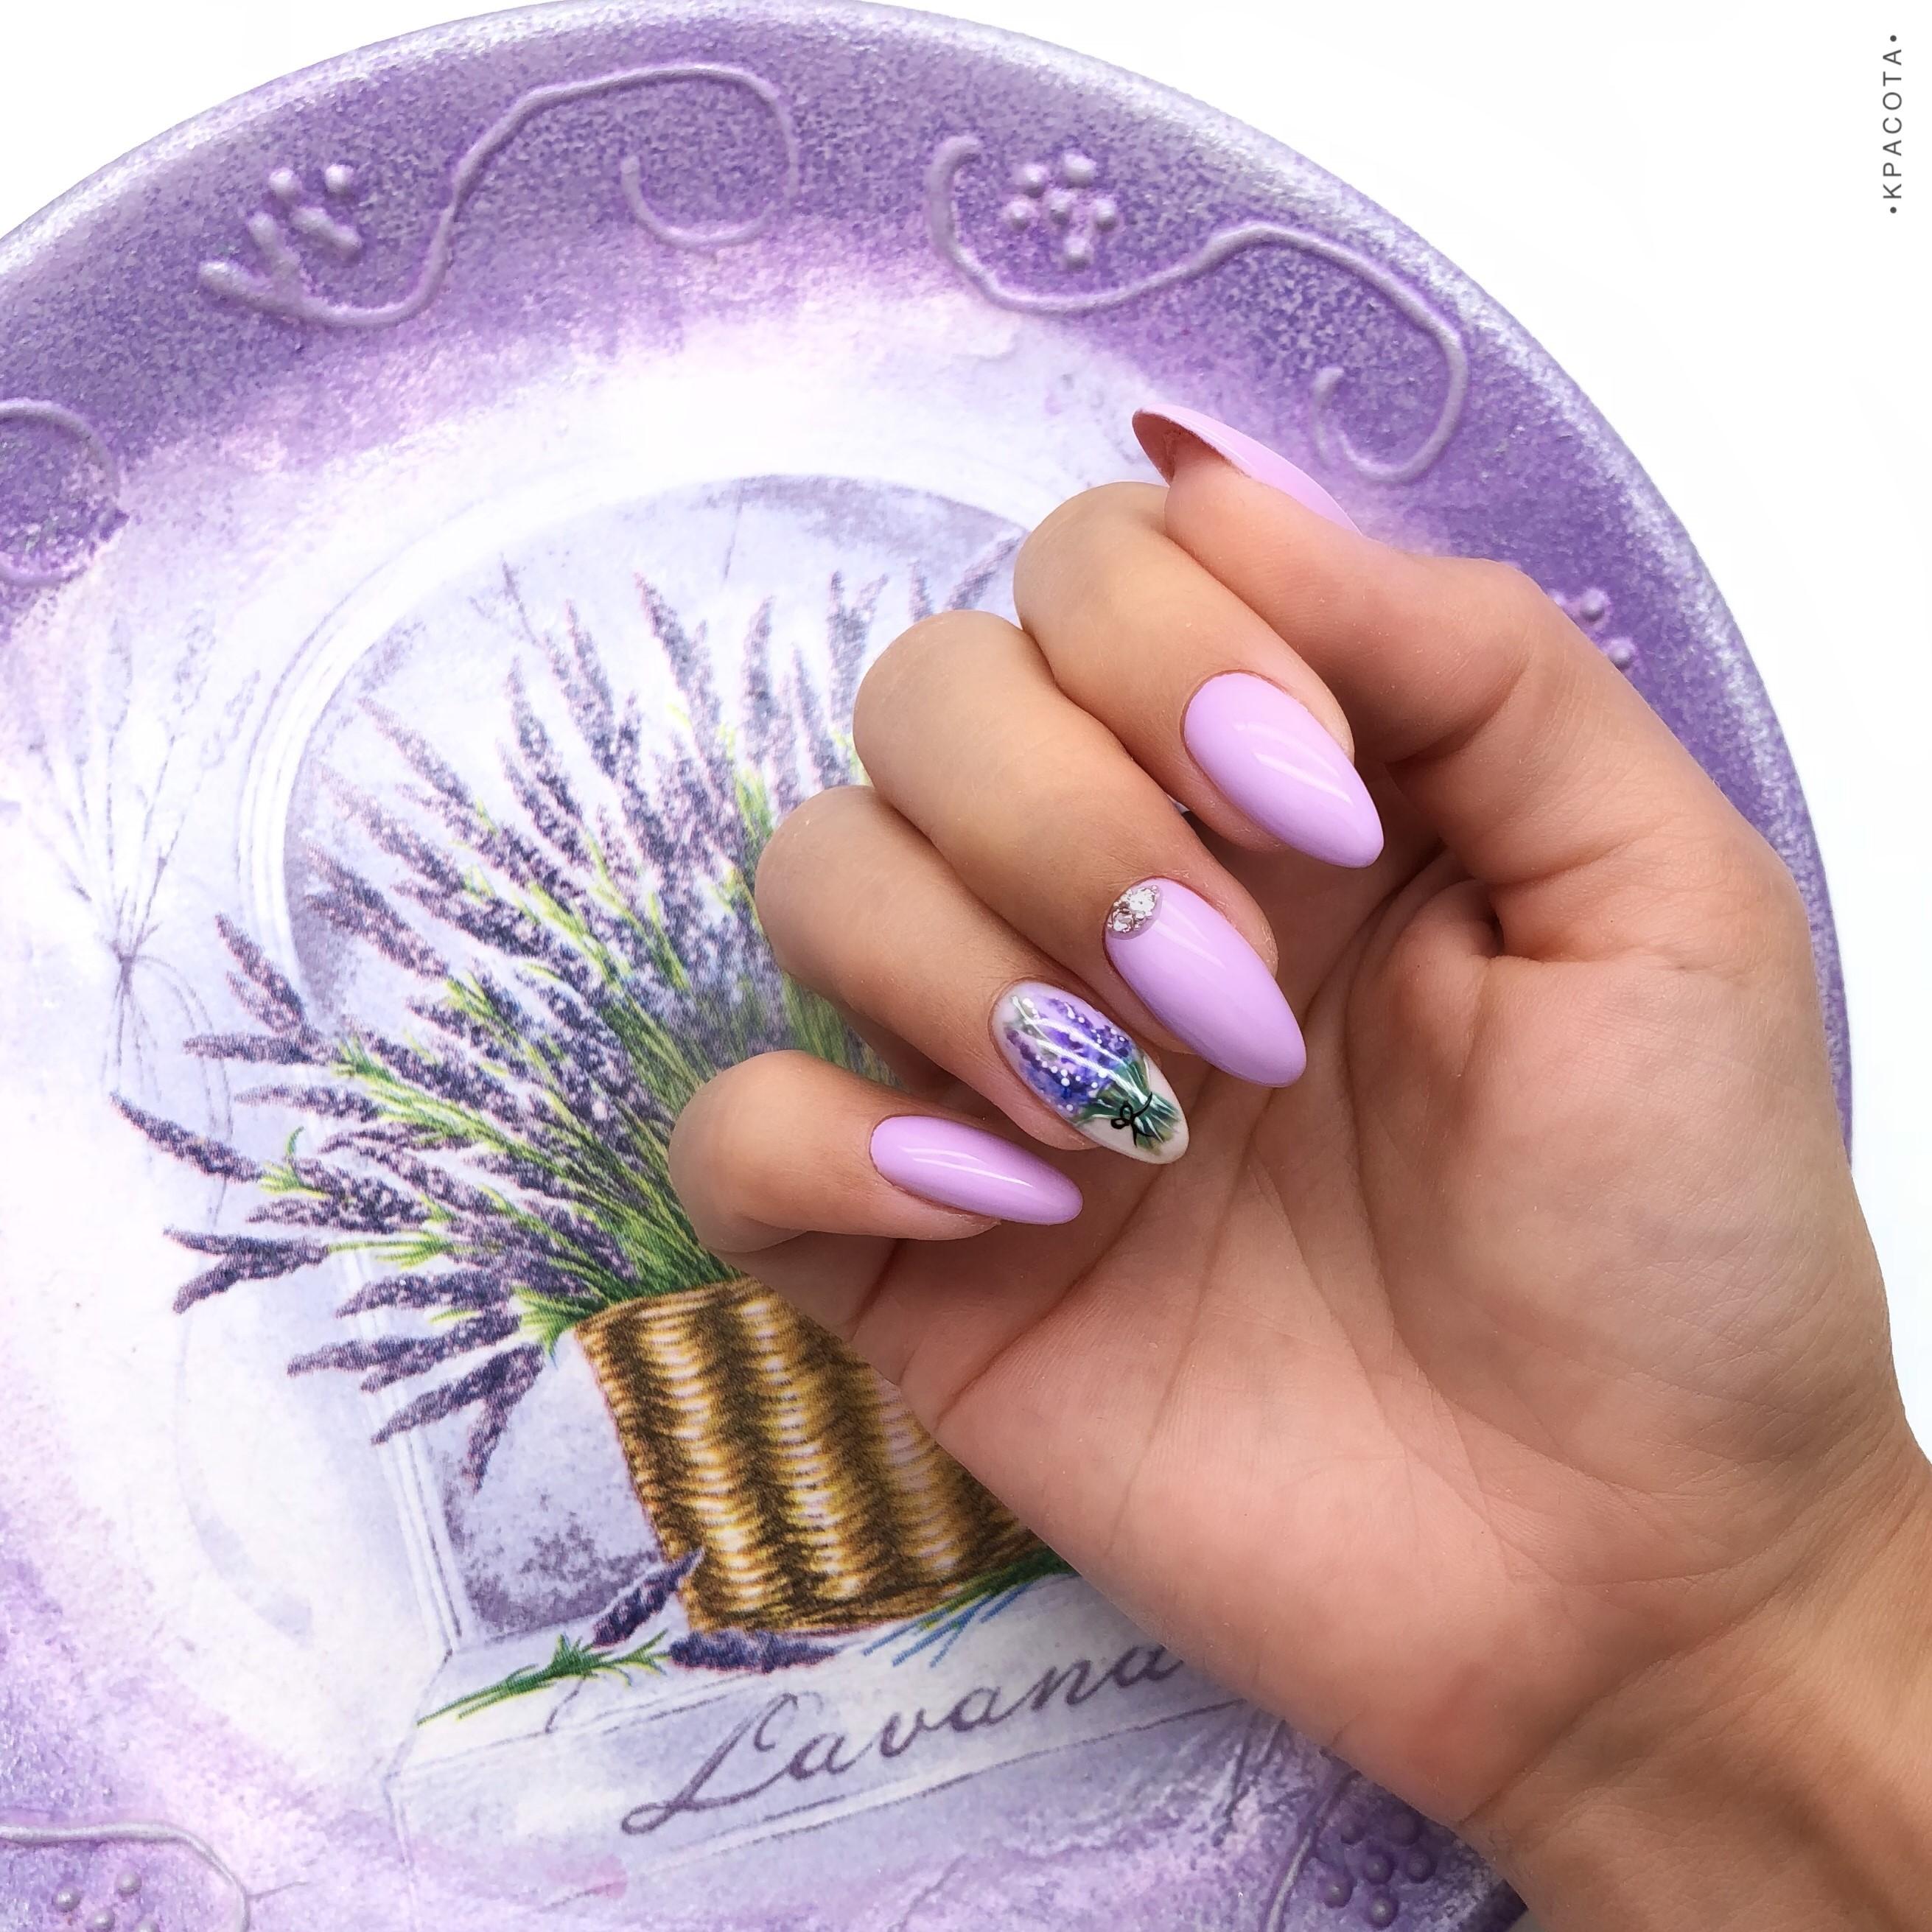 Маникюр с цветочным рисунком и блестками в сиреневом цвете на длинные ногти.